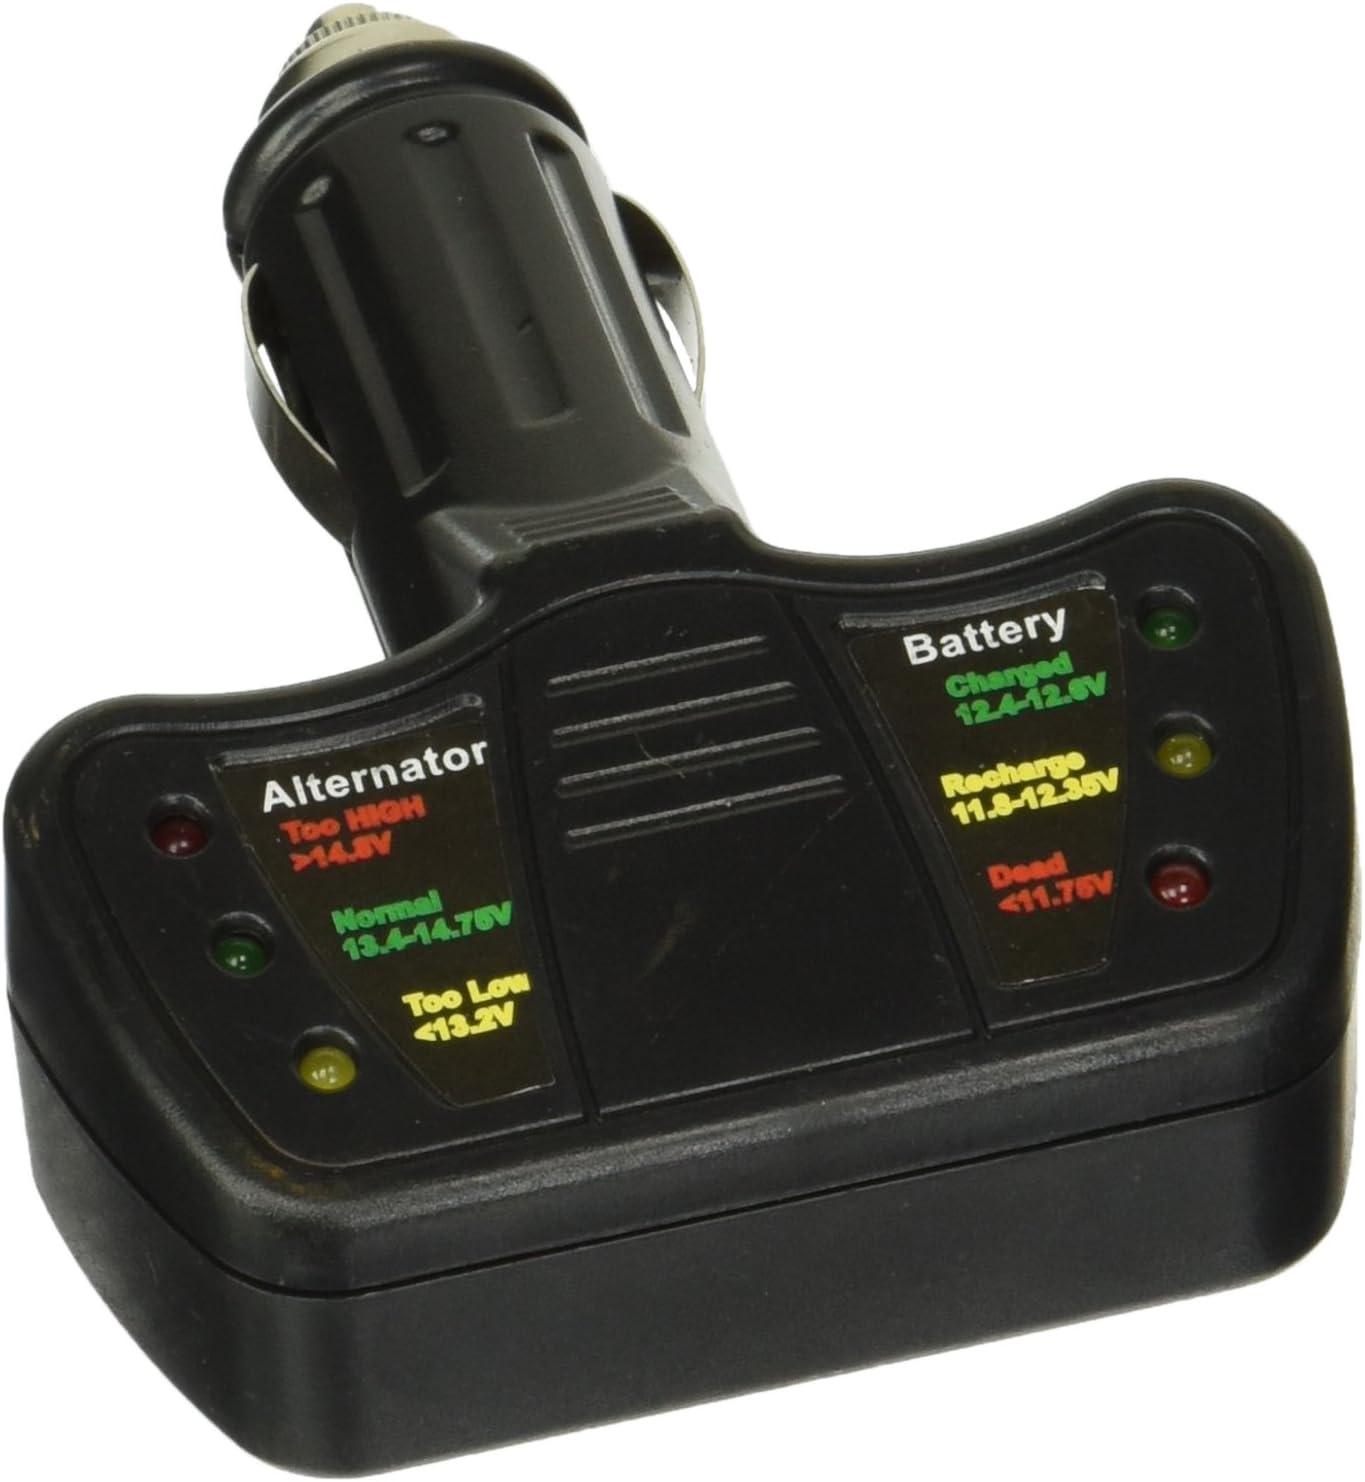 Batería De Coche /& Alternador Probador Para Peugeot 207 12v voltaje de CC cheque